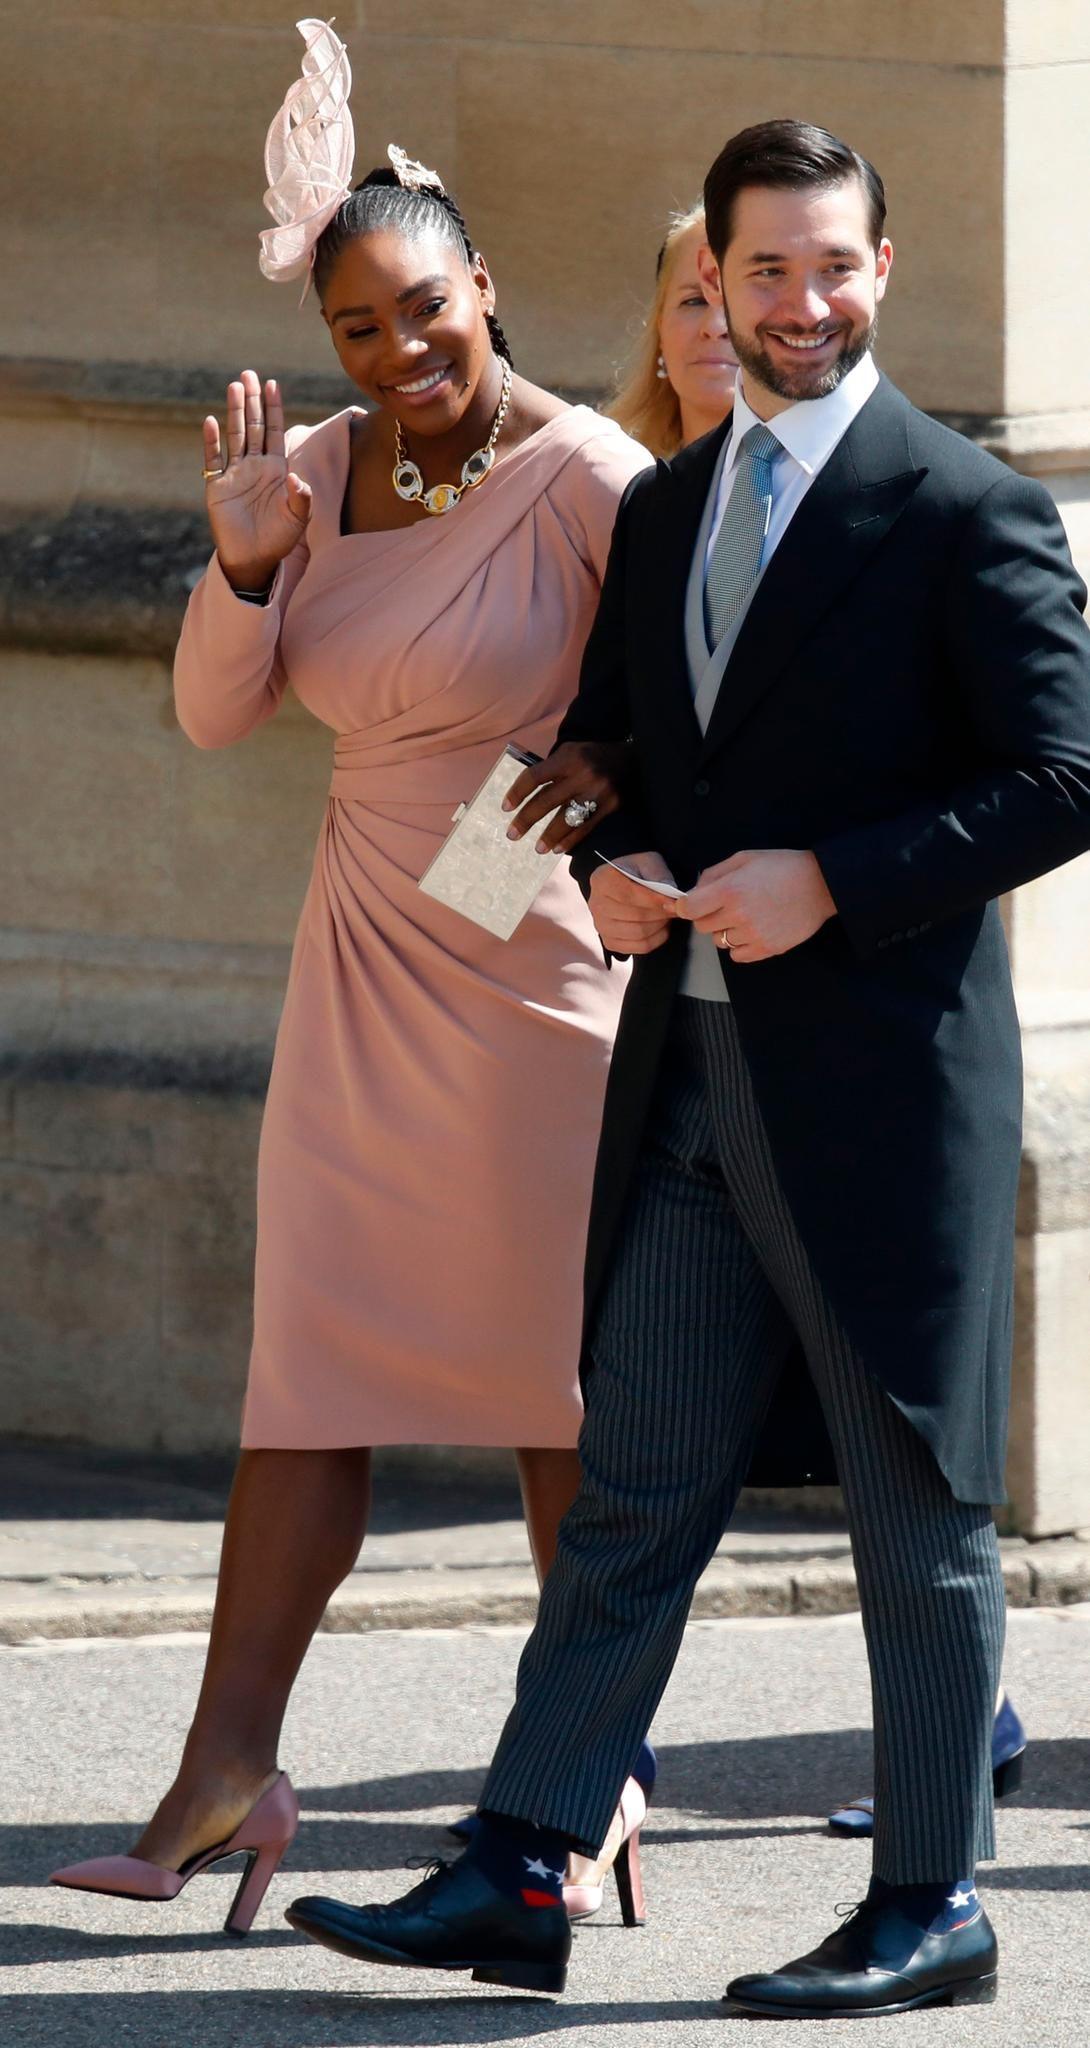 Die Hochkaratige Gasteliste Prinz Harry Hochzeit Coole Kleider Paar Kleidung